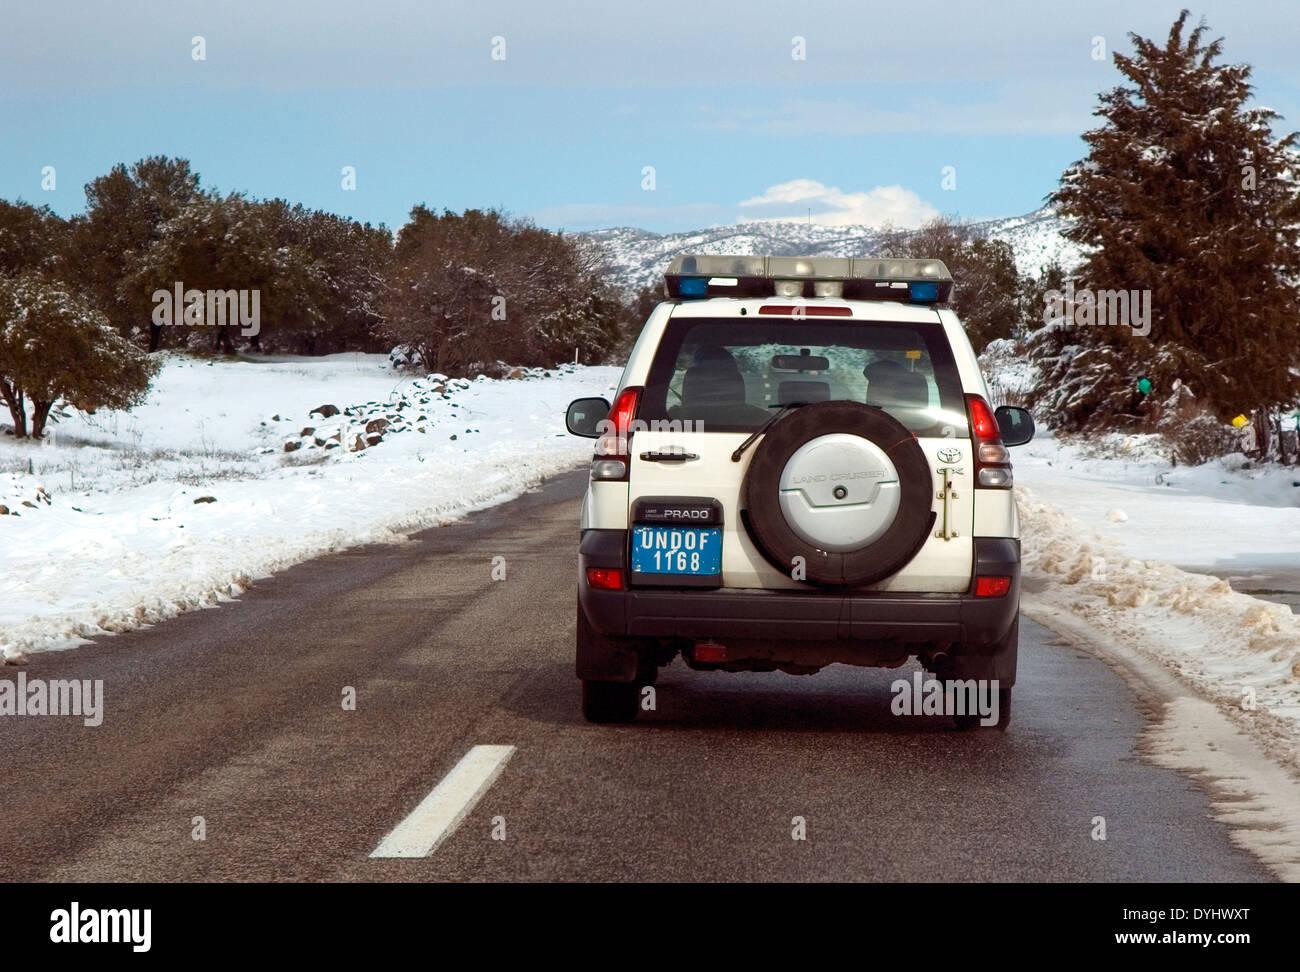 UN-Fahrzeug, Friedenssicherung Kräfte, Golanhöhen, Israel Stockbild